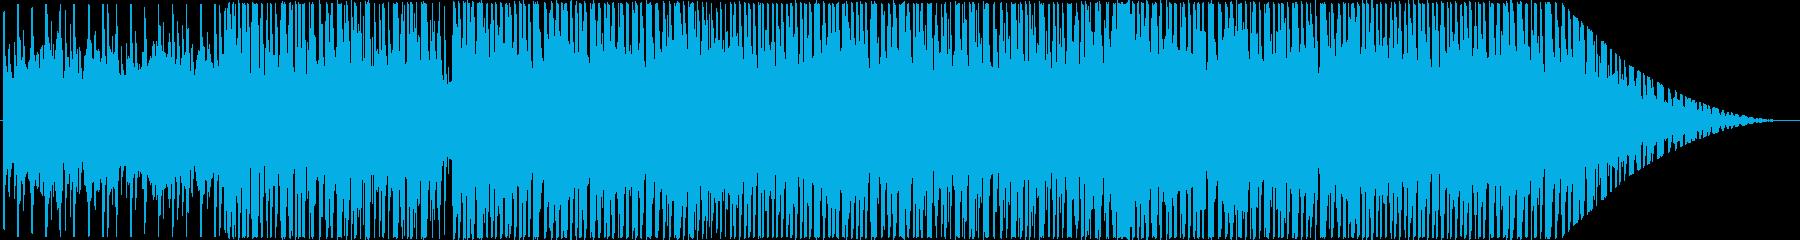 爽やかで夏を感じるポップなBGMの再生済みの波形